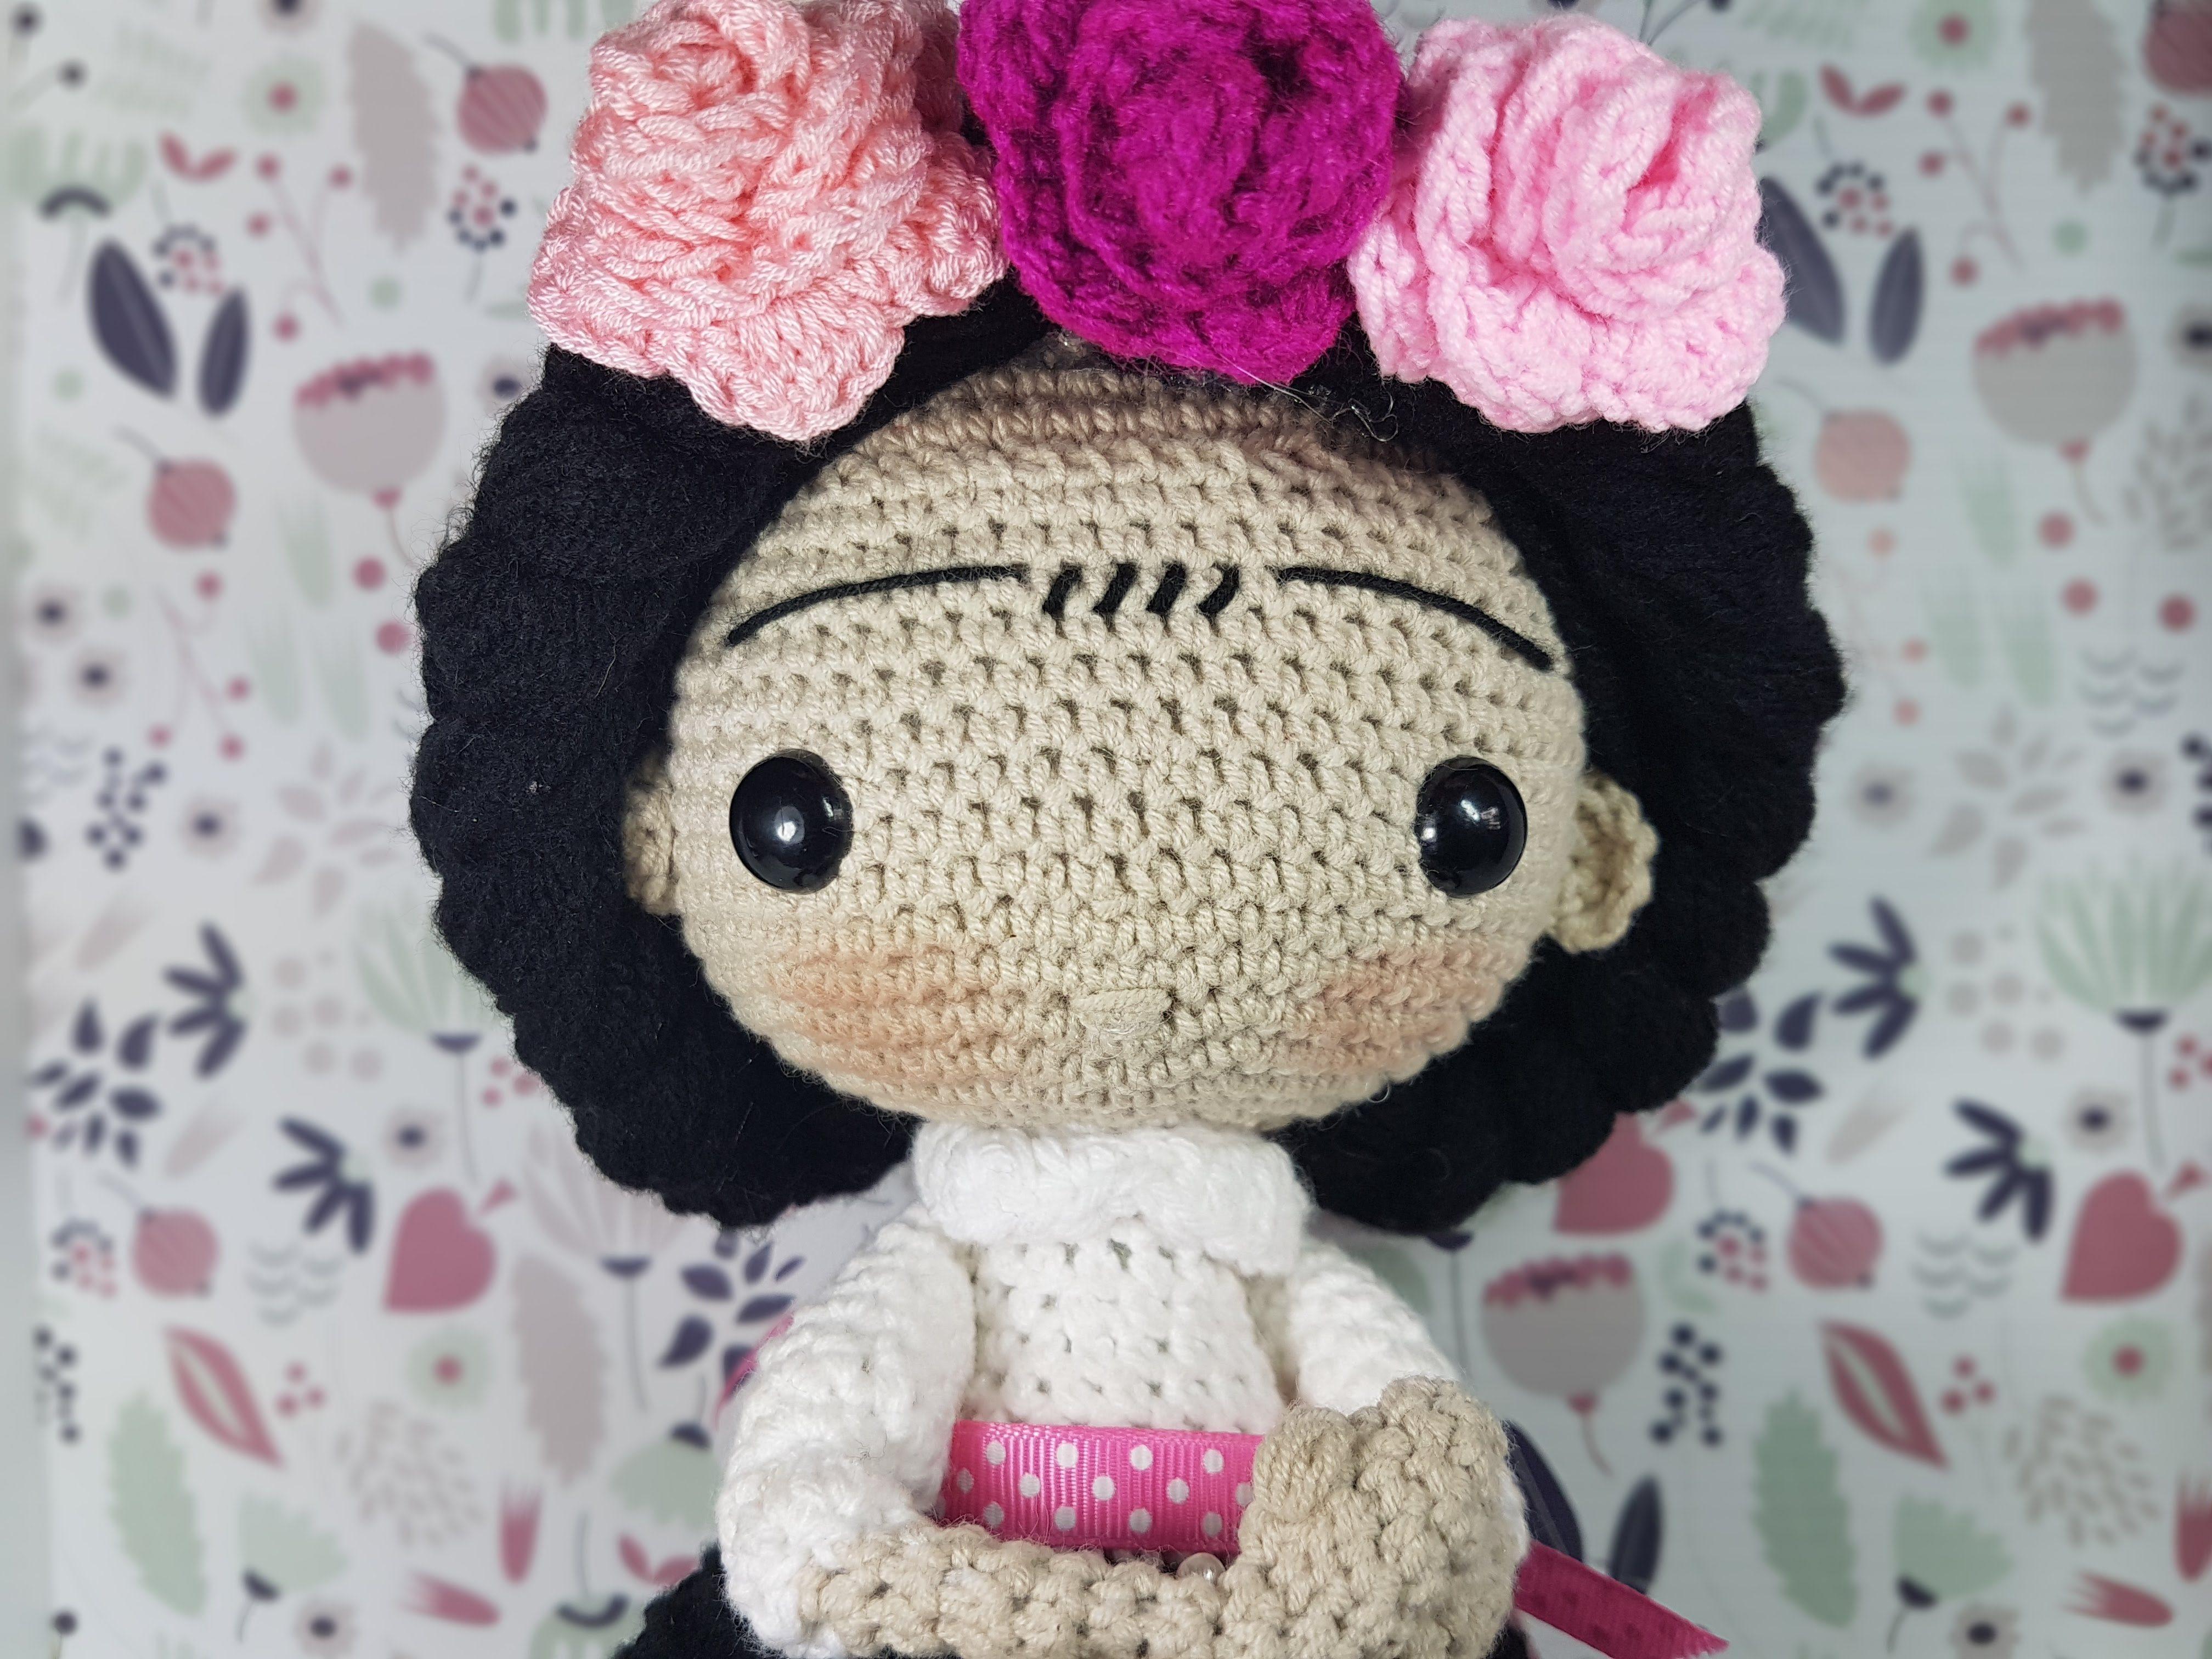 Amigurumis De Frida Kahlo : Muñeca frida kahlo amigurumi crochetos